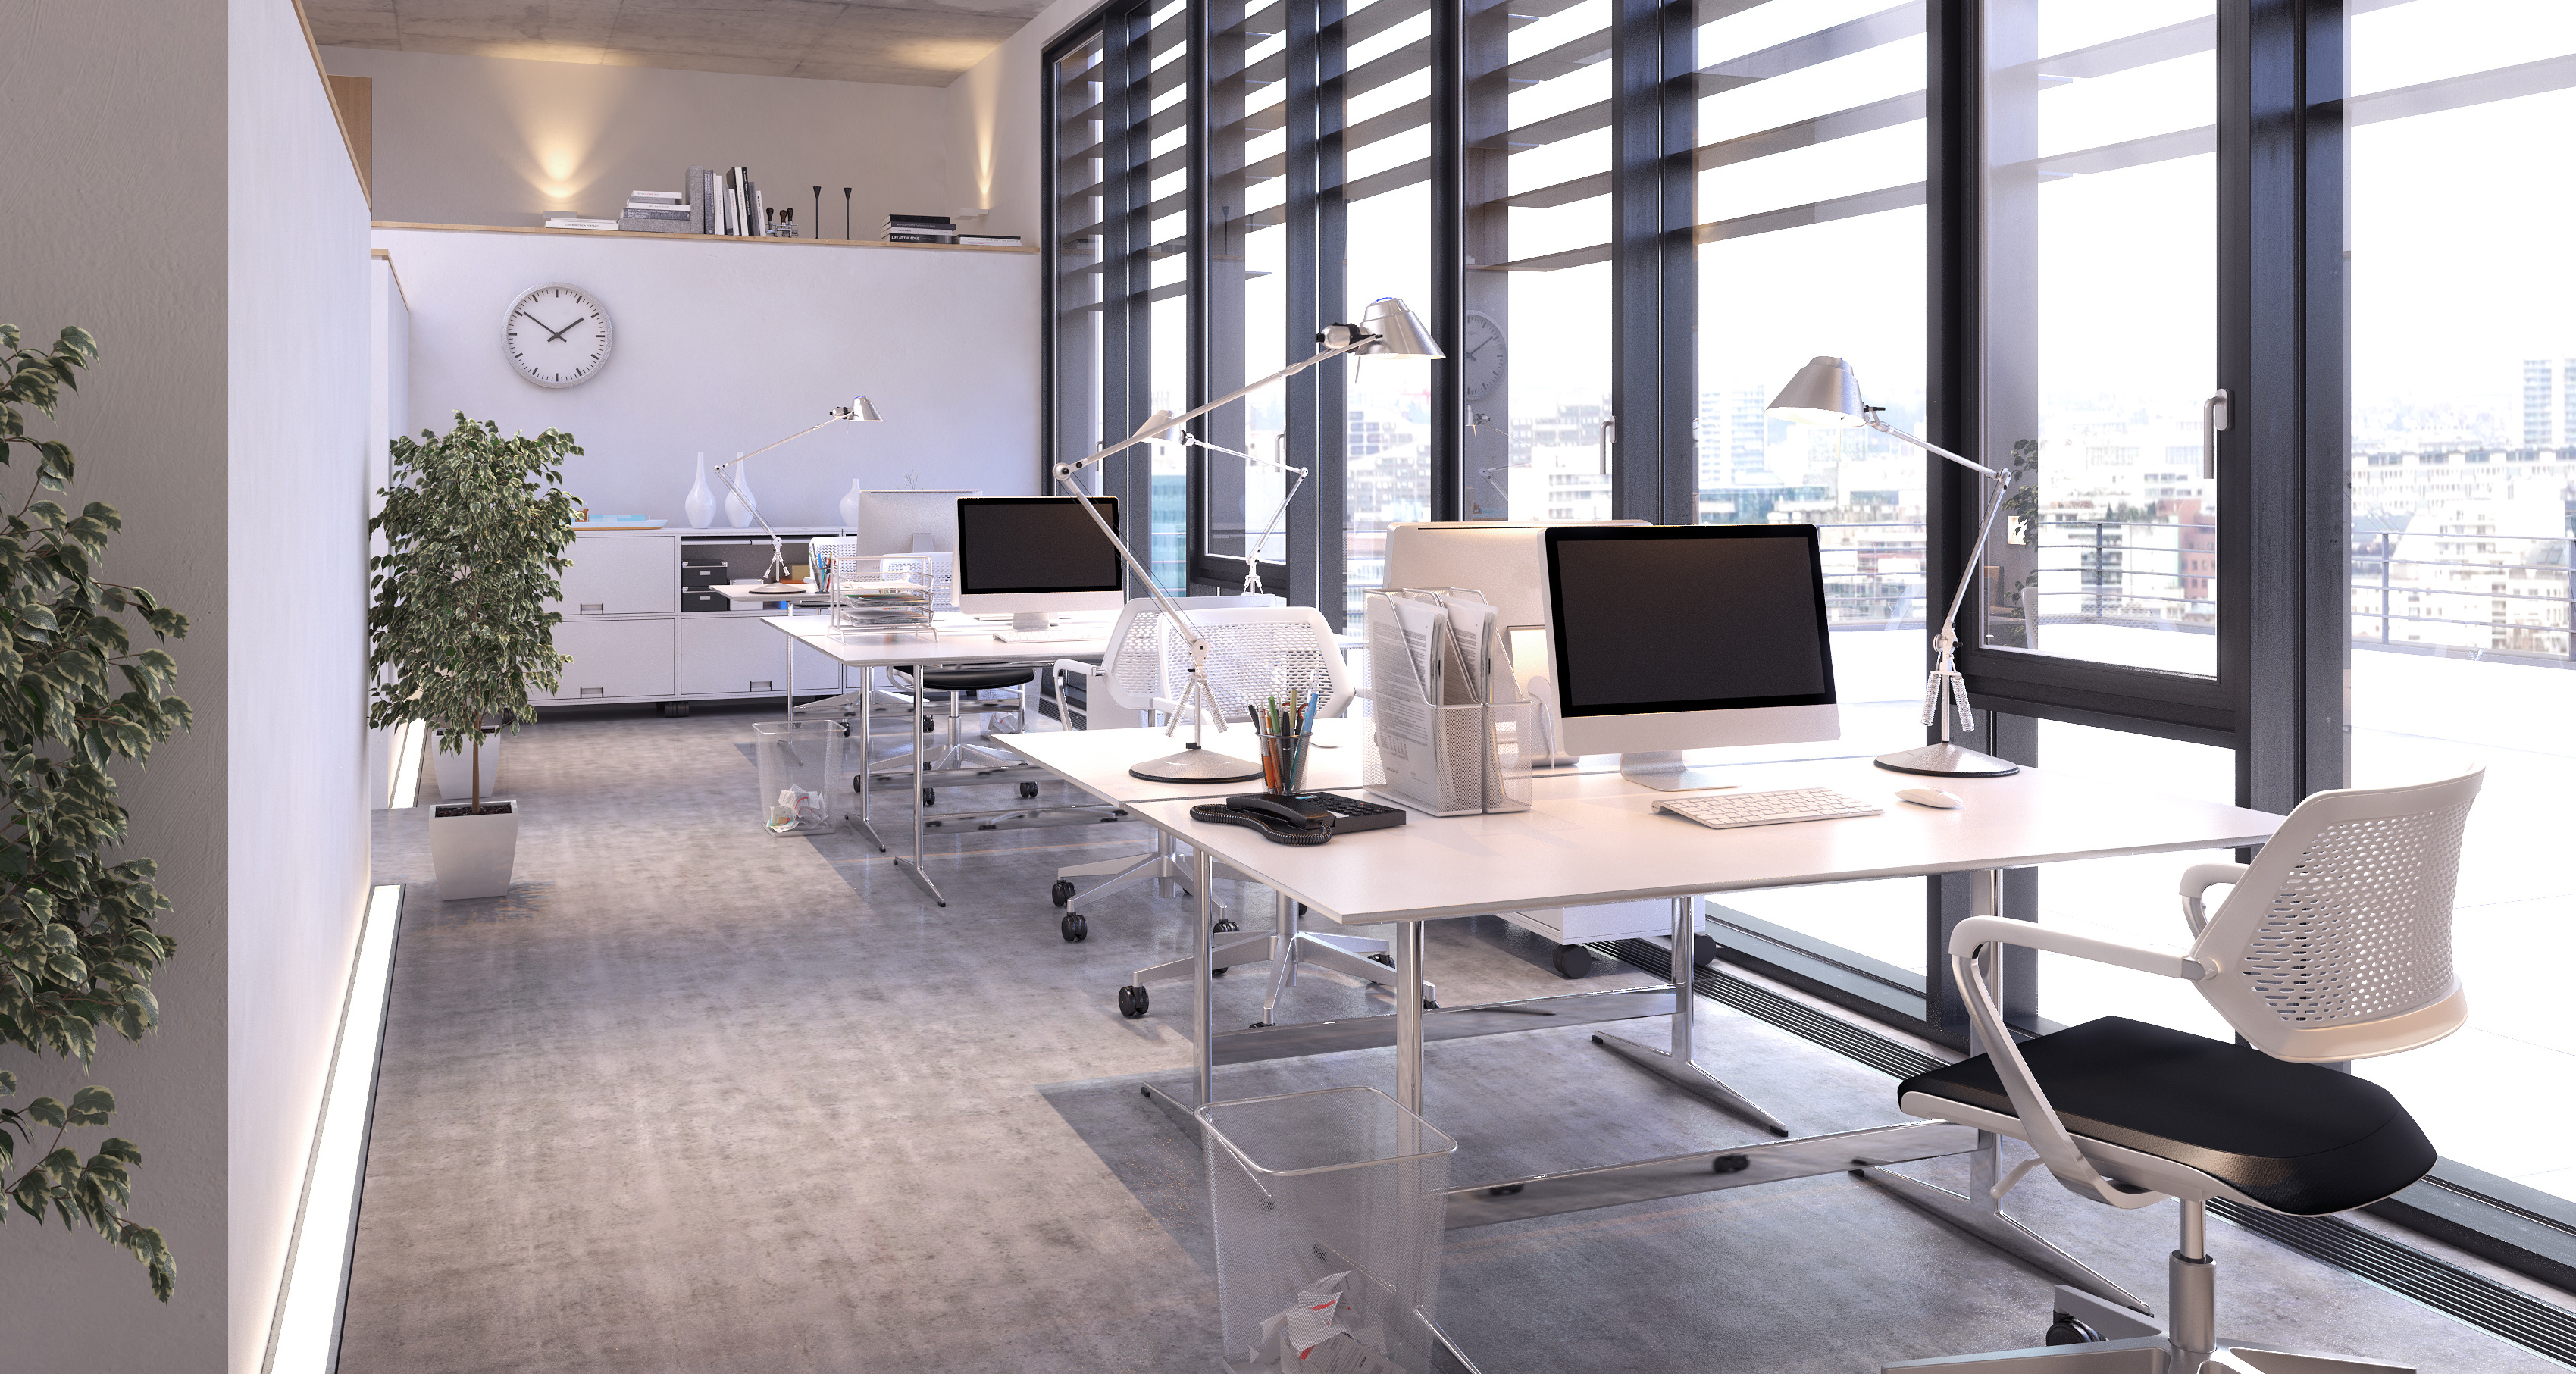 El mercado de nuevas oficinas est tomando mayor fuerza for Oficinas de diseno y arquitectura